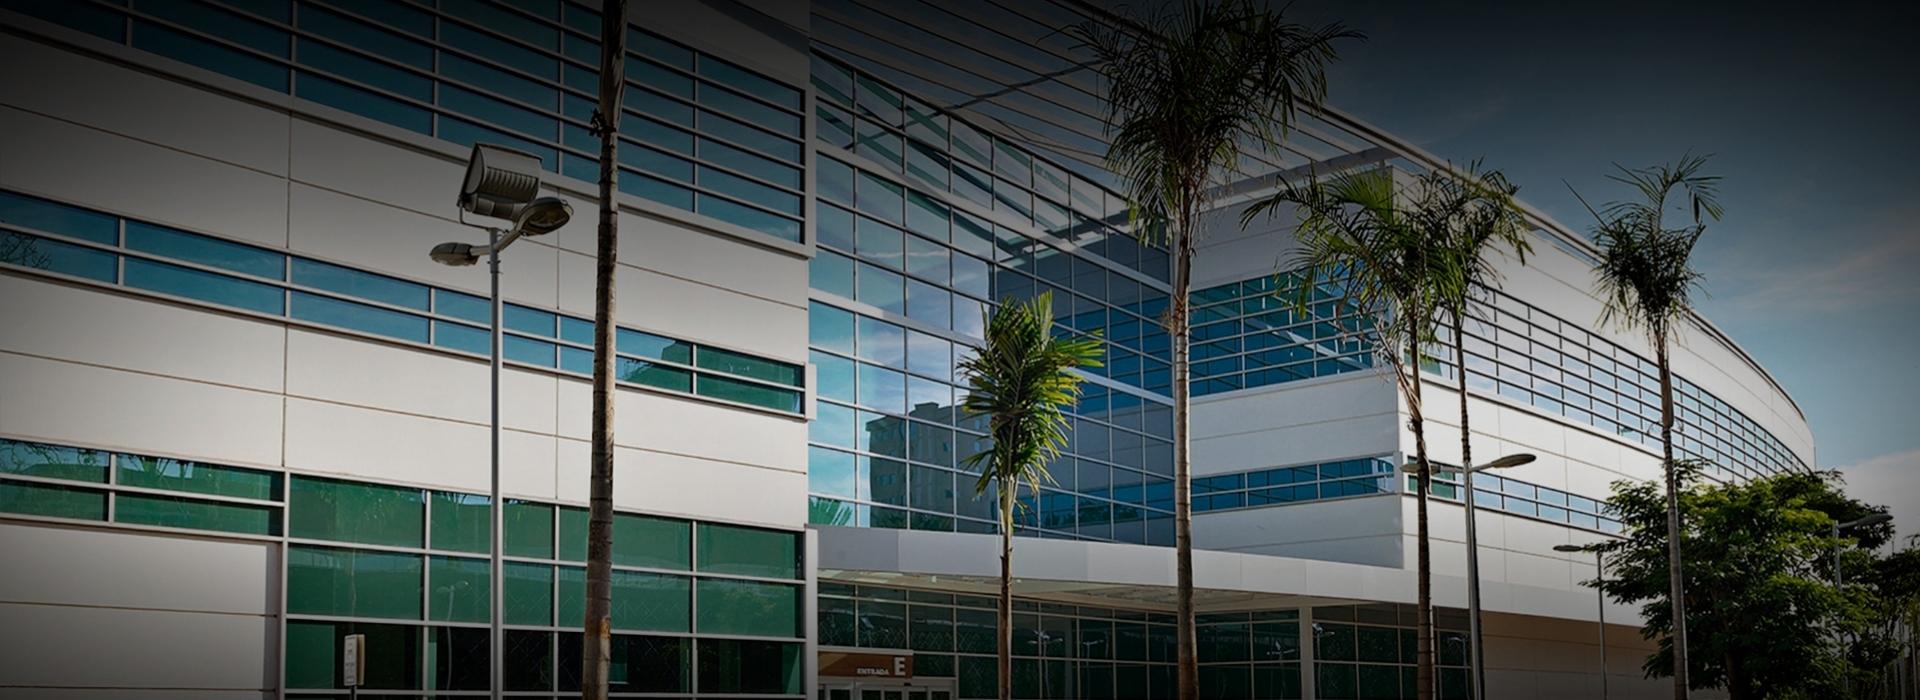 Novo Local de Atendimento - ESSELENSE DayHospital